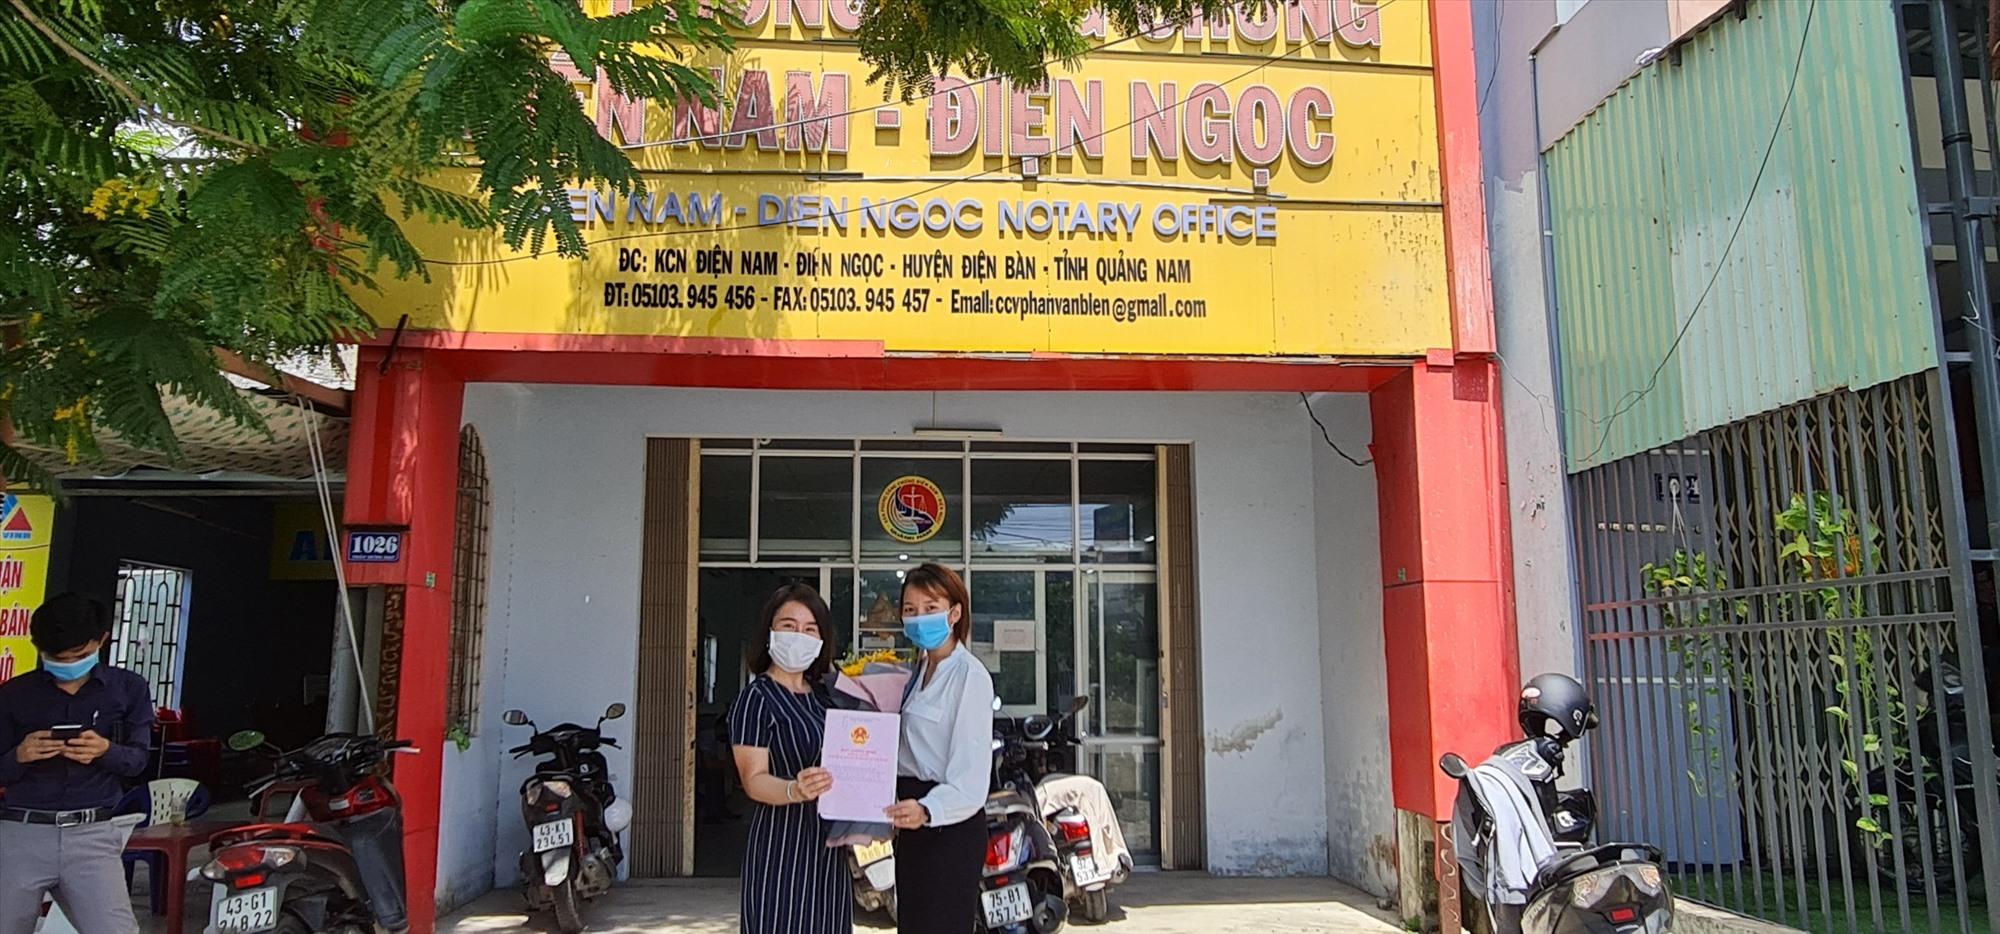 VGROUP hỗ trợ khách hàng công chứng ra sổ đỏ Khu phố chợ Điện Nam Trung.